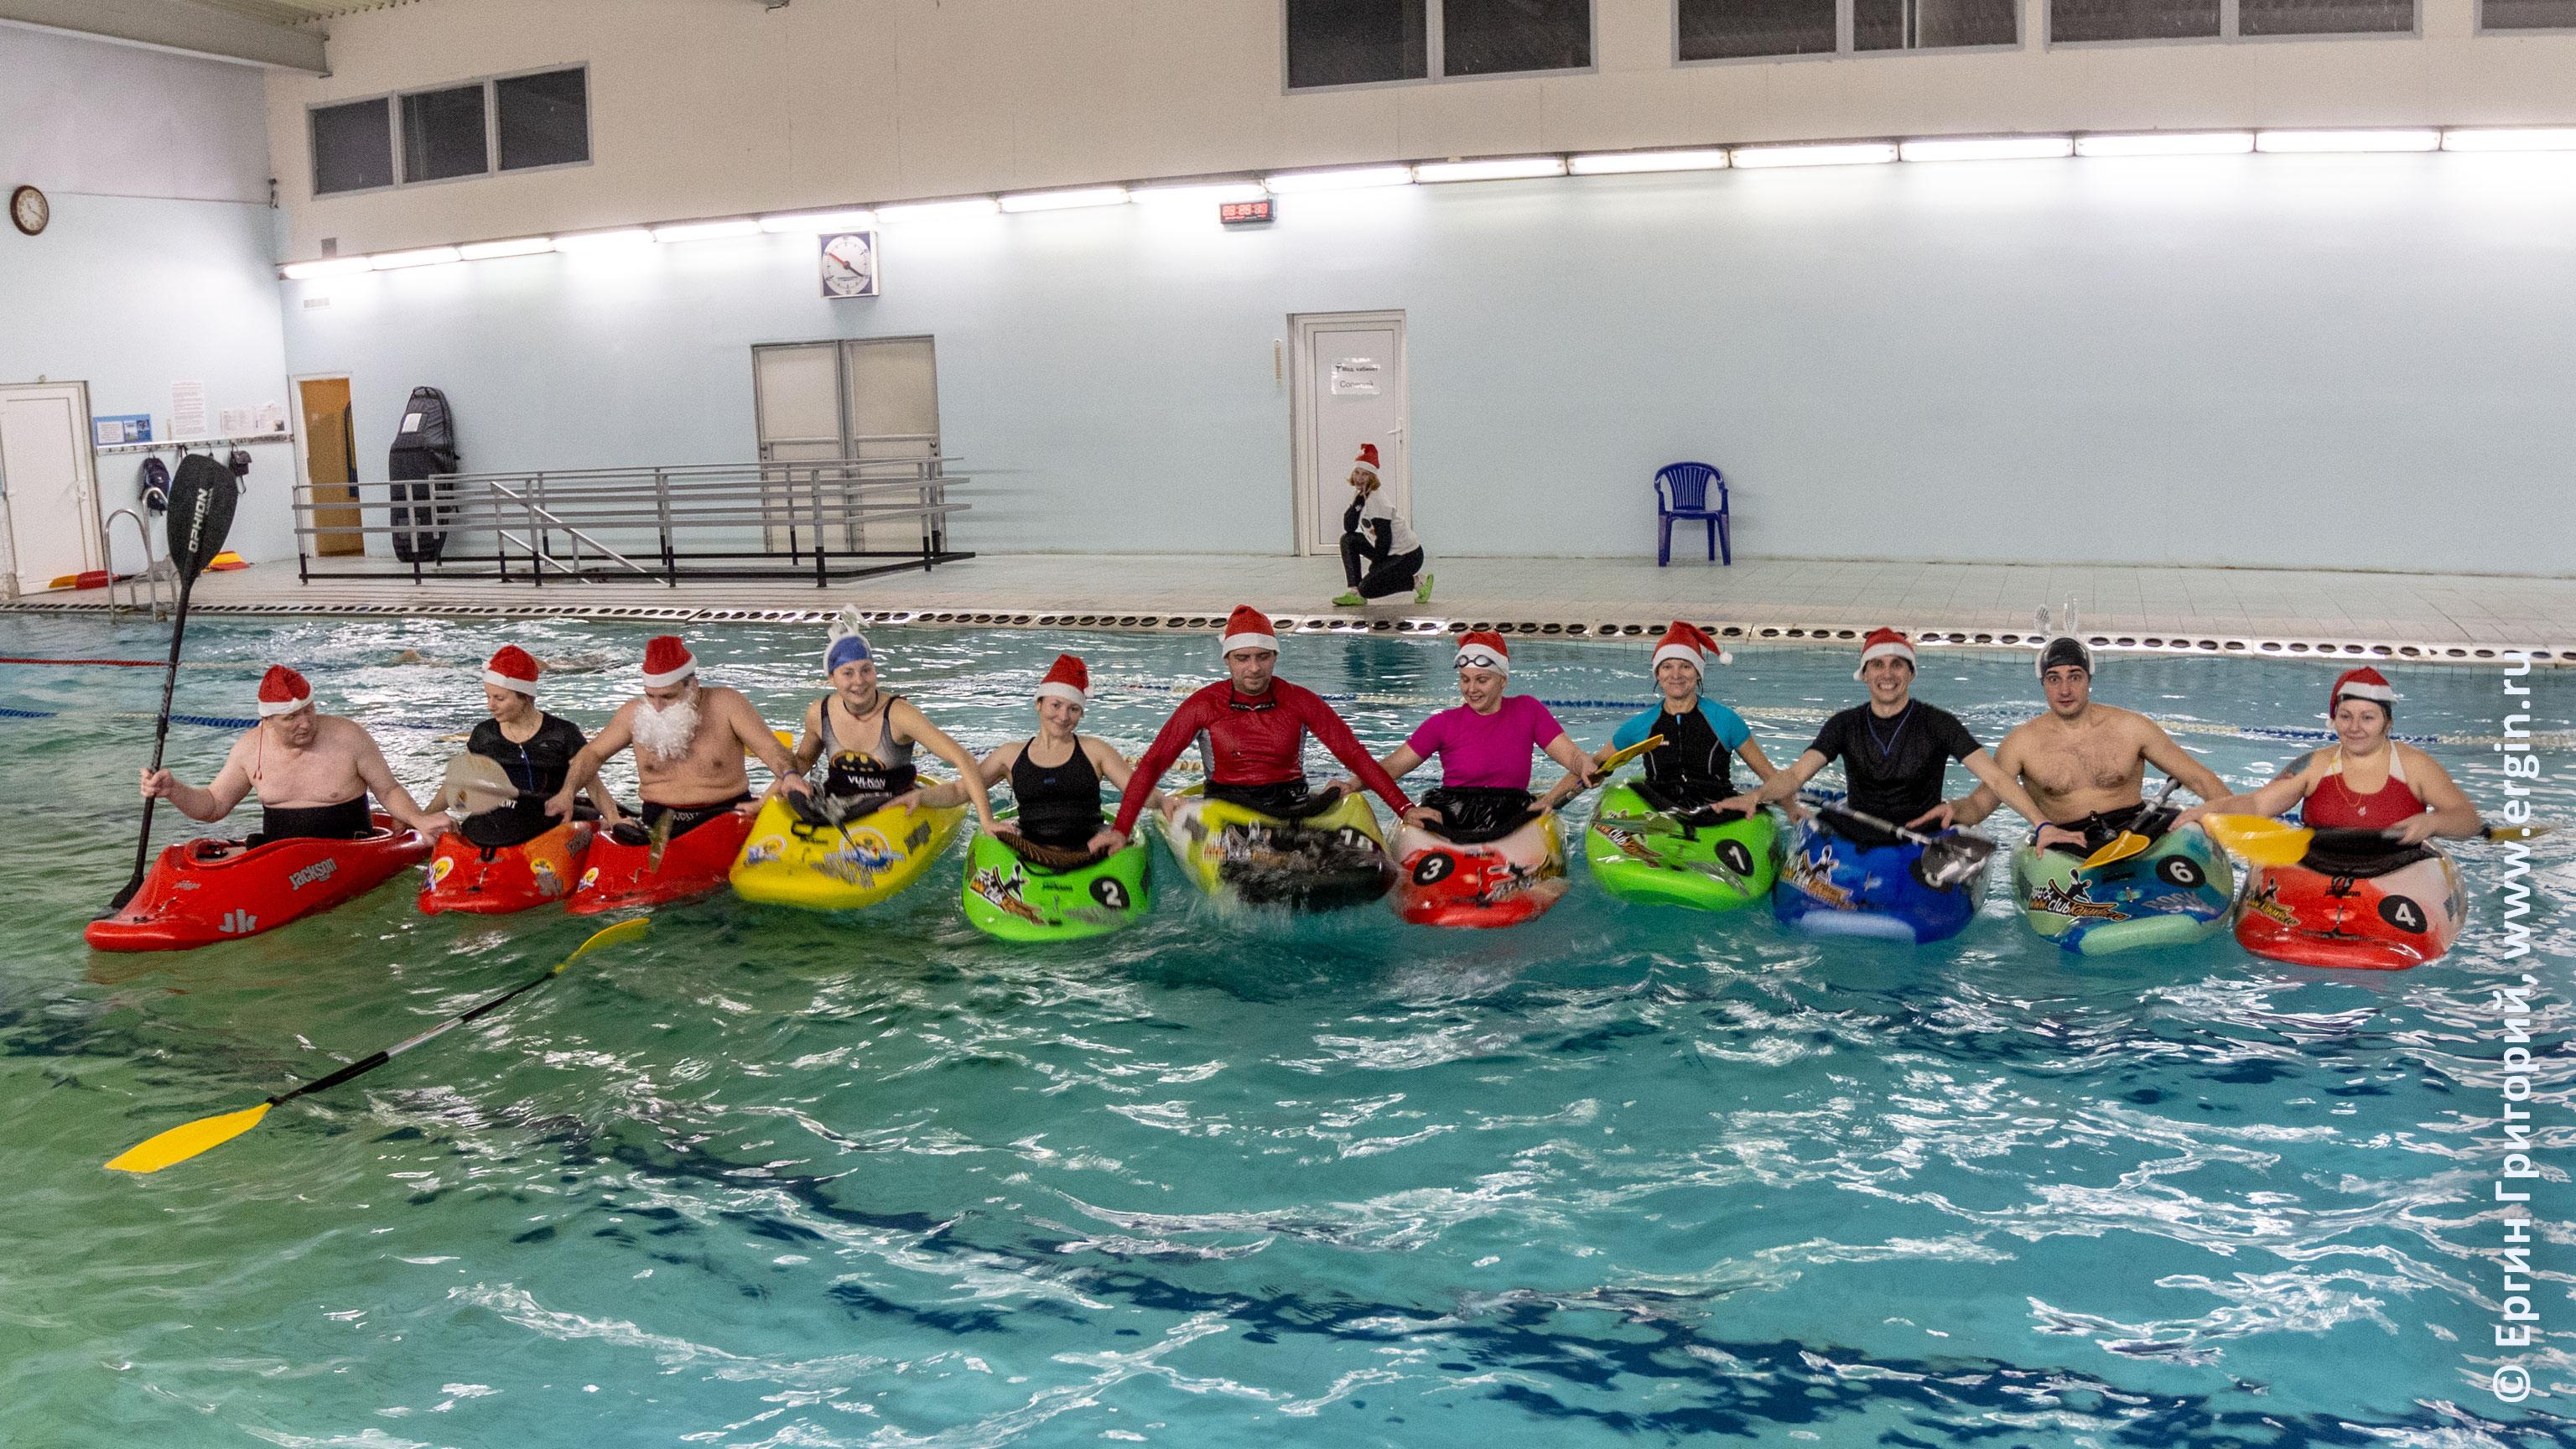 Каякерский новый год с каяками в бассейне